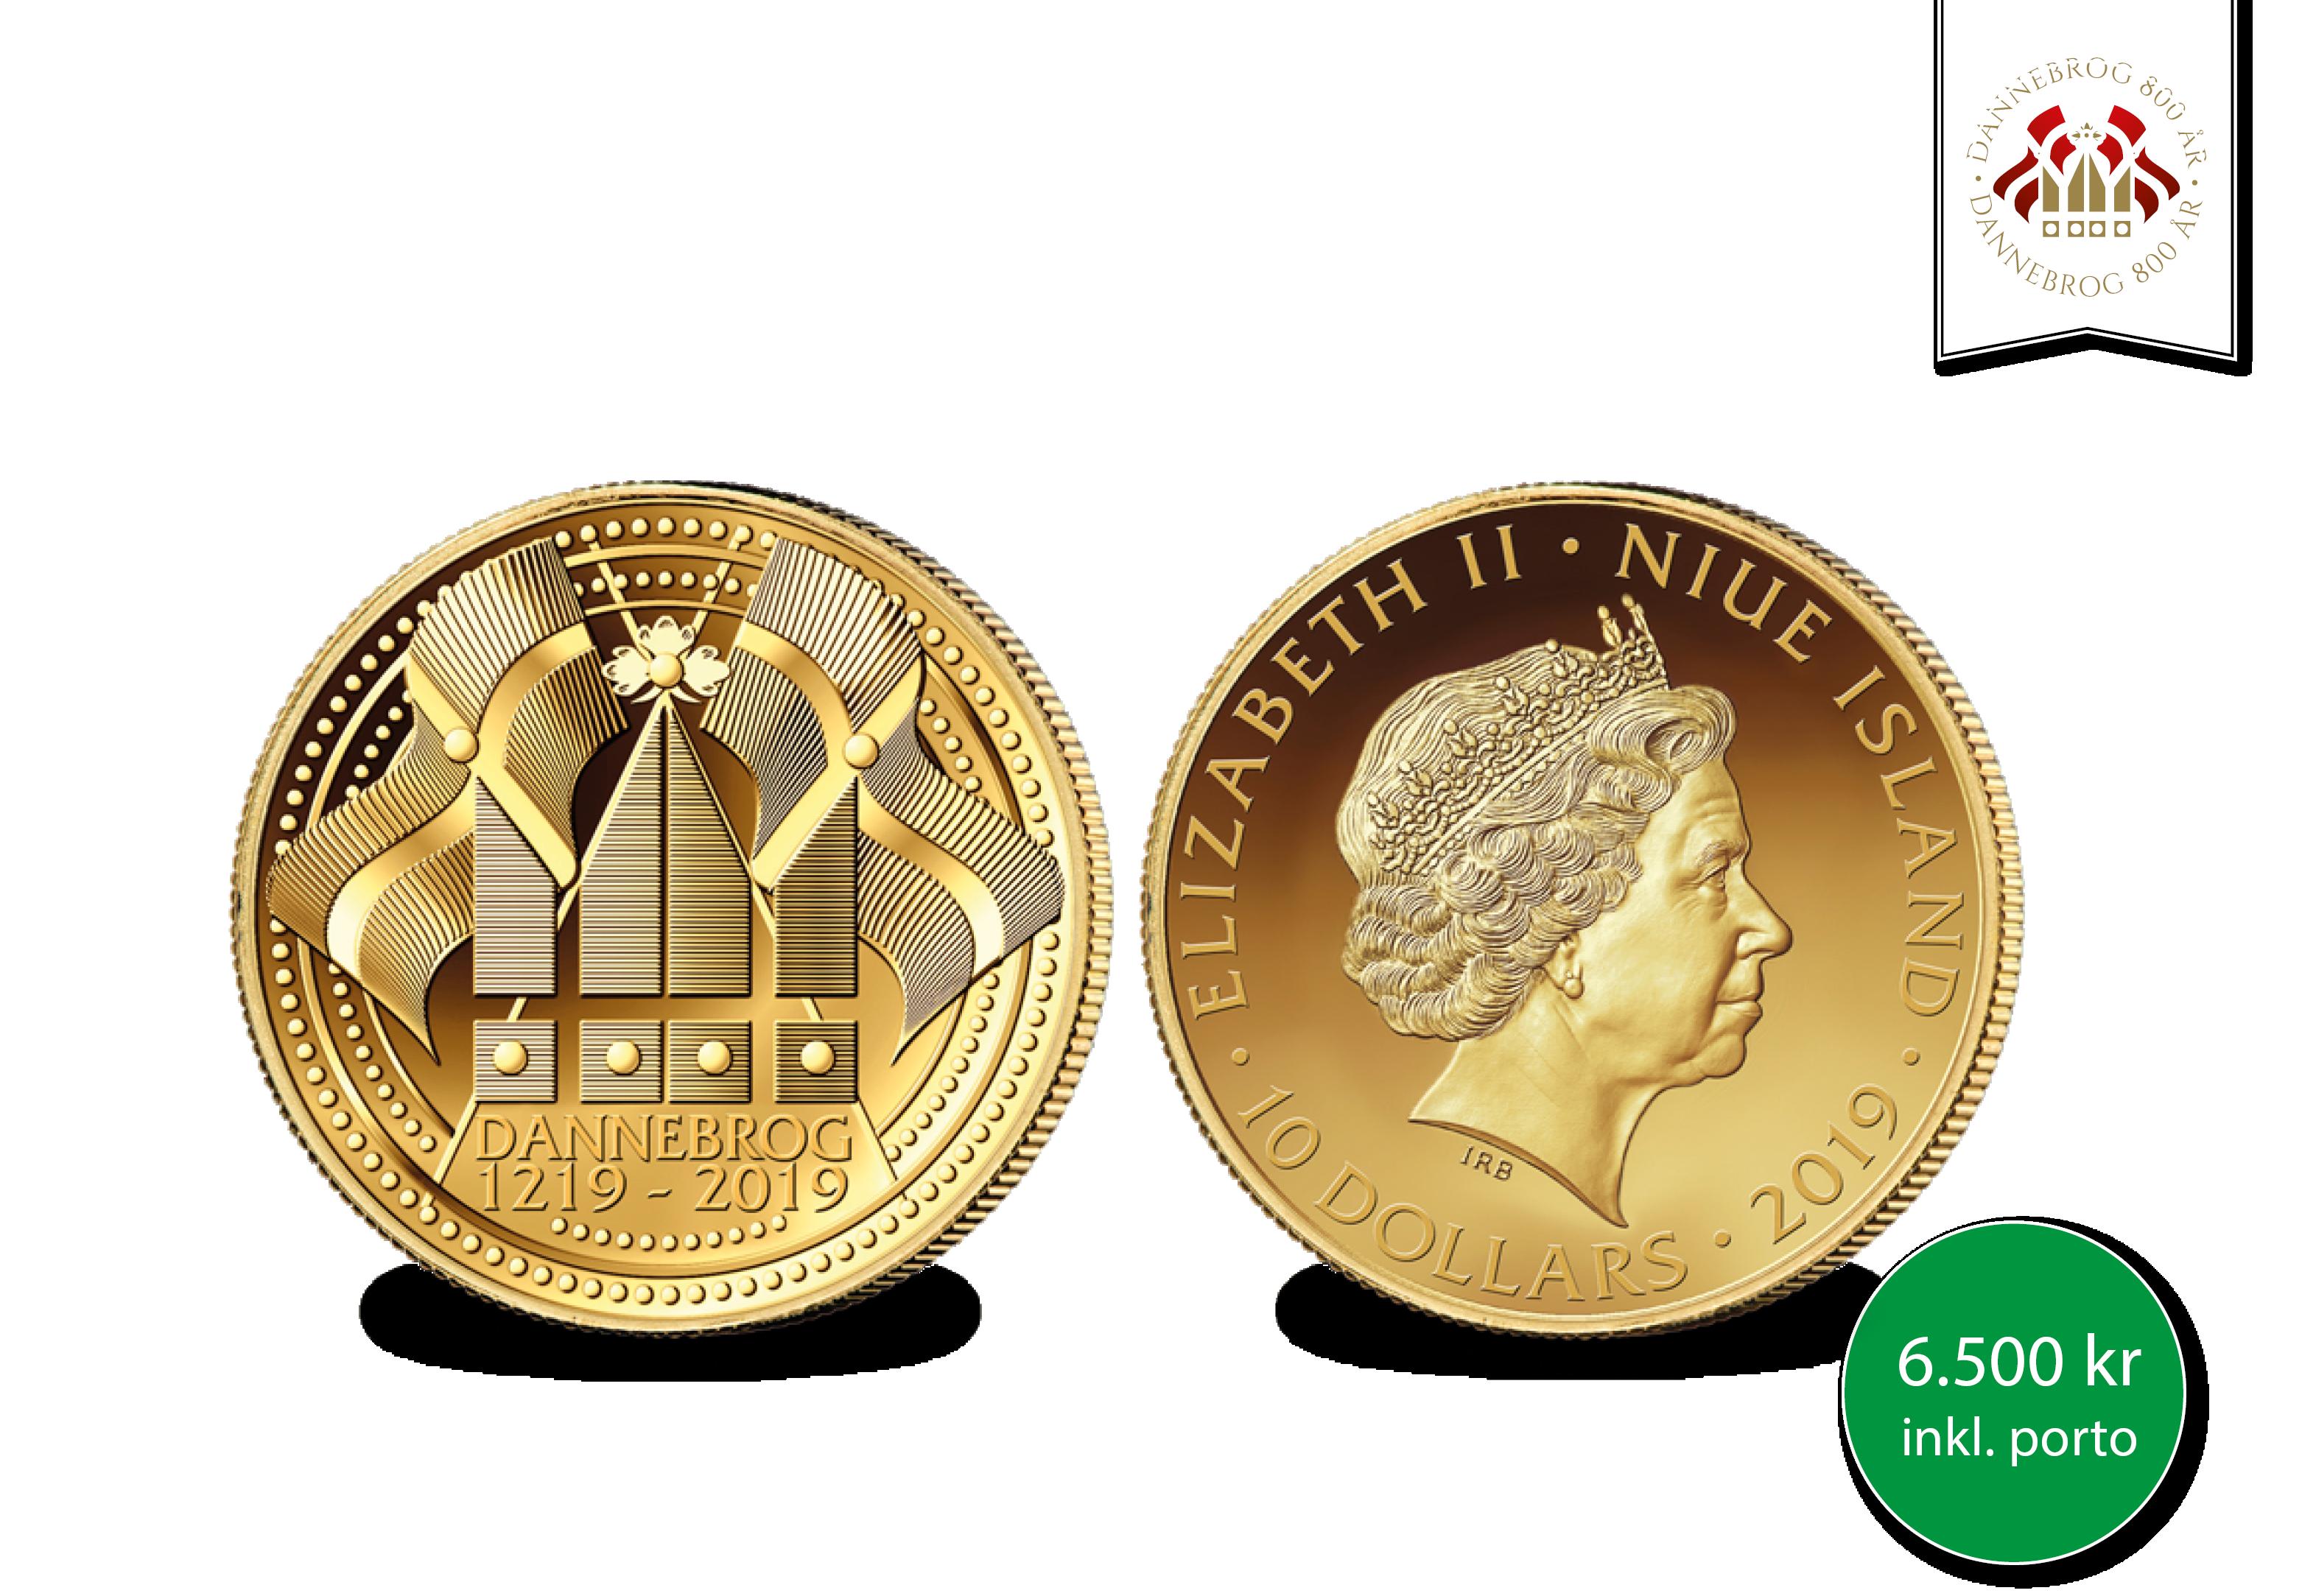 Jubilæumsmønten er udgivet for at fejre 800-året for vores flotte nationalflag.